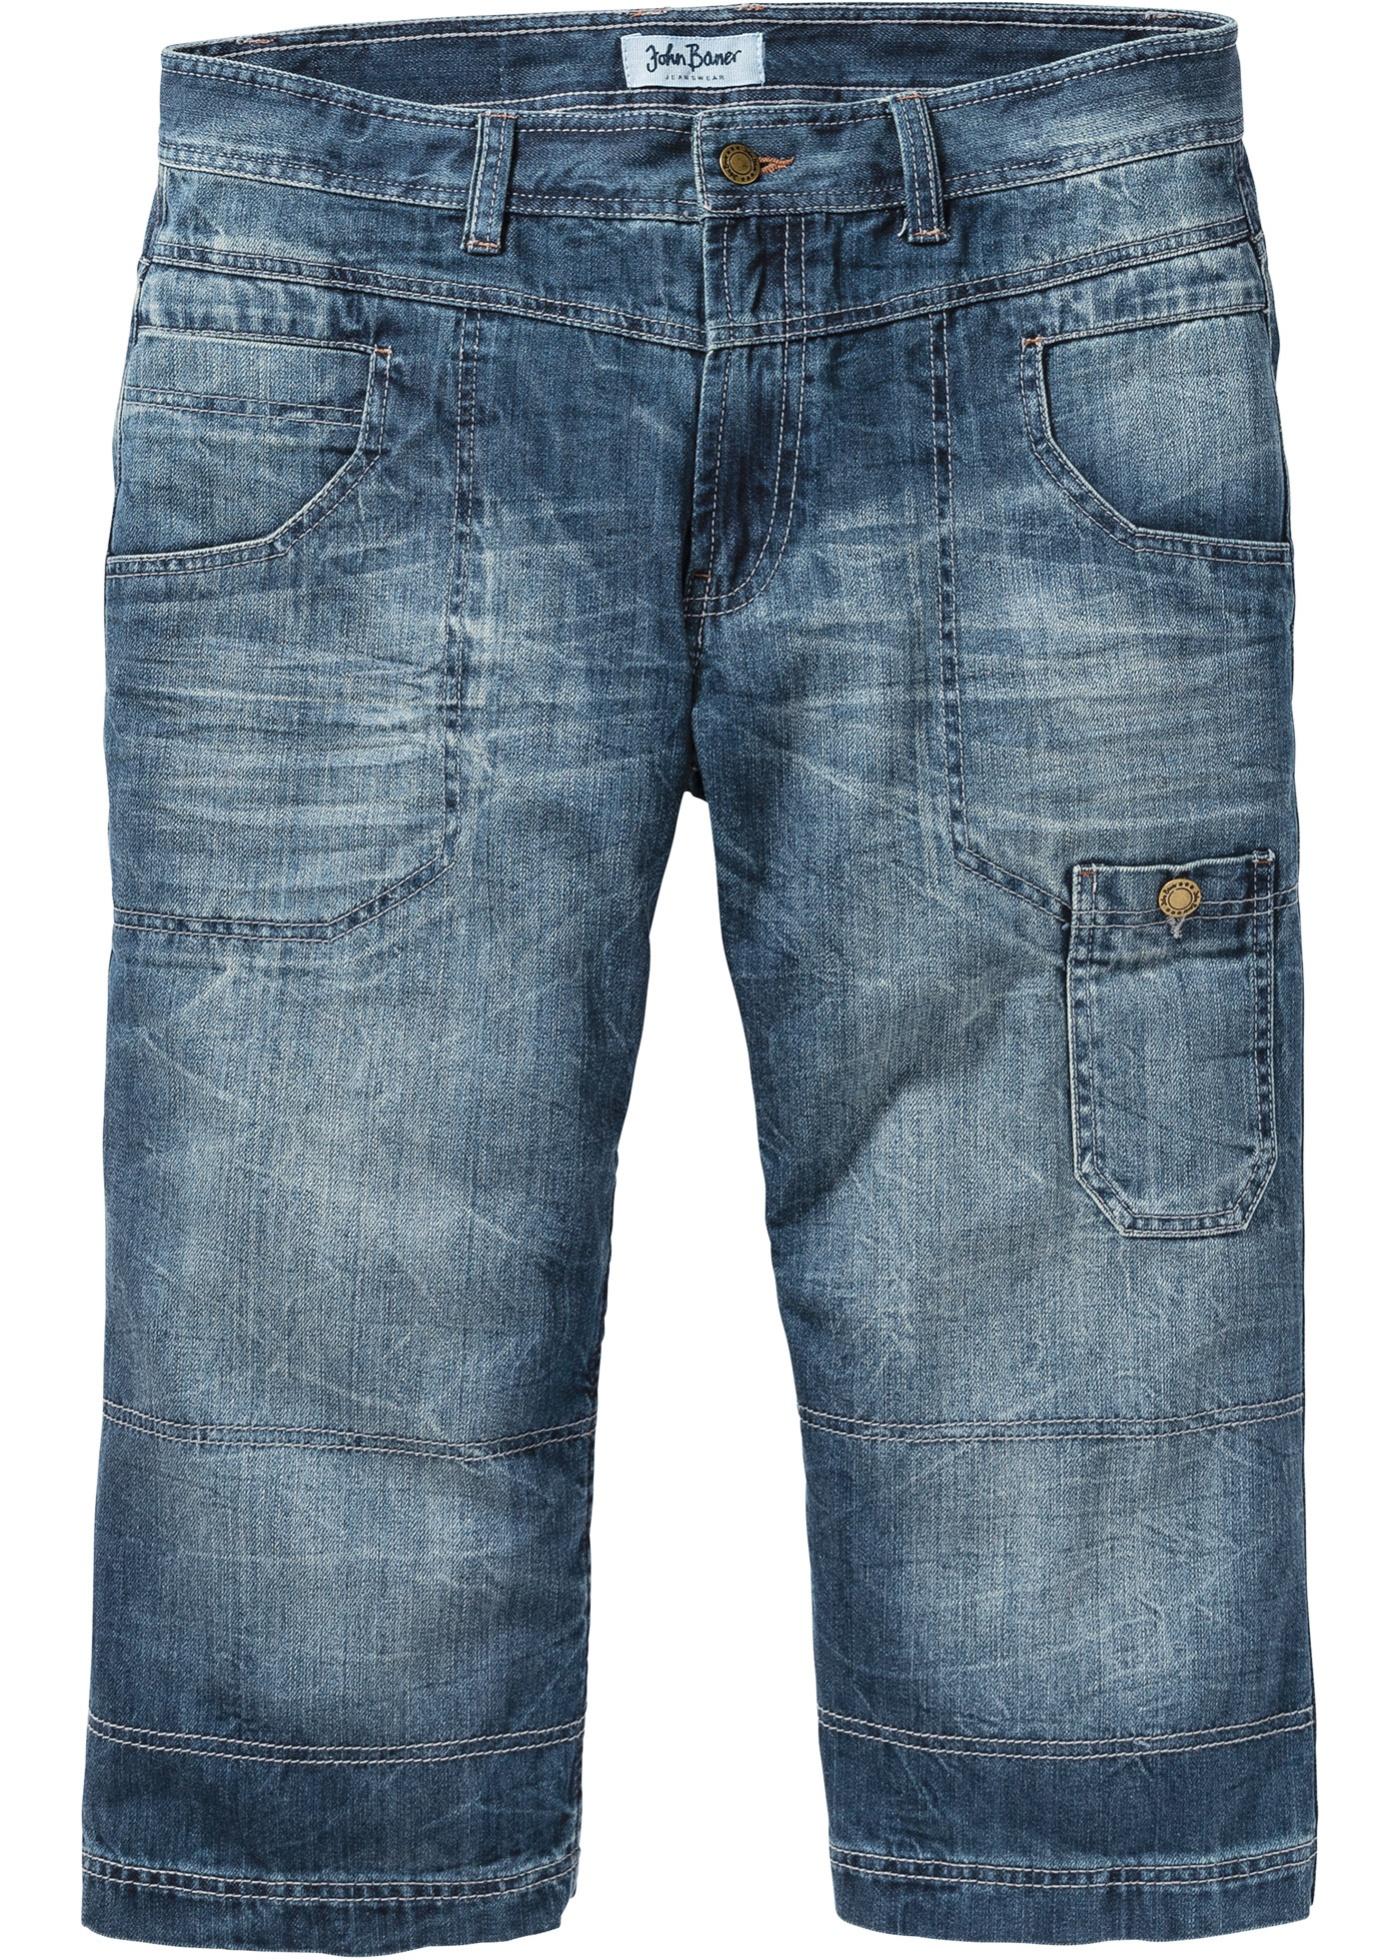 Bilde av 3/4 jeans, normal, rett passform